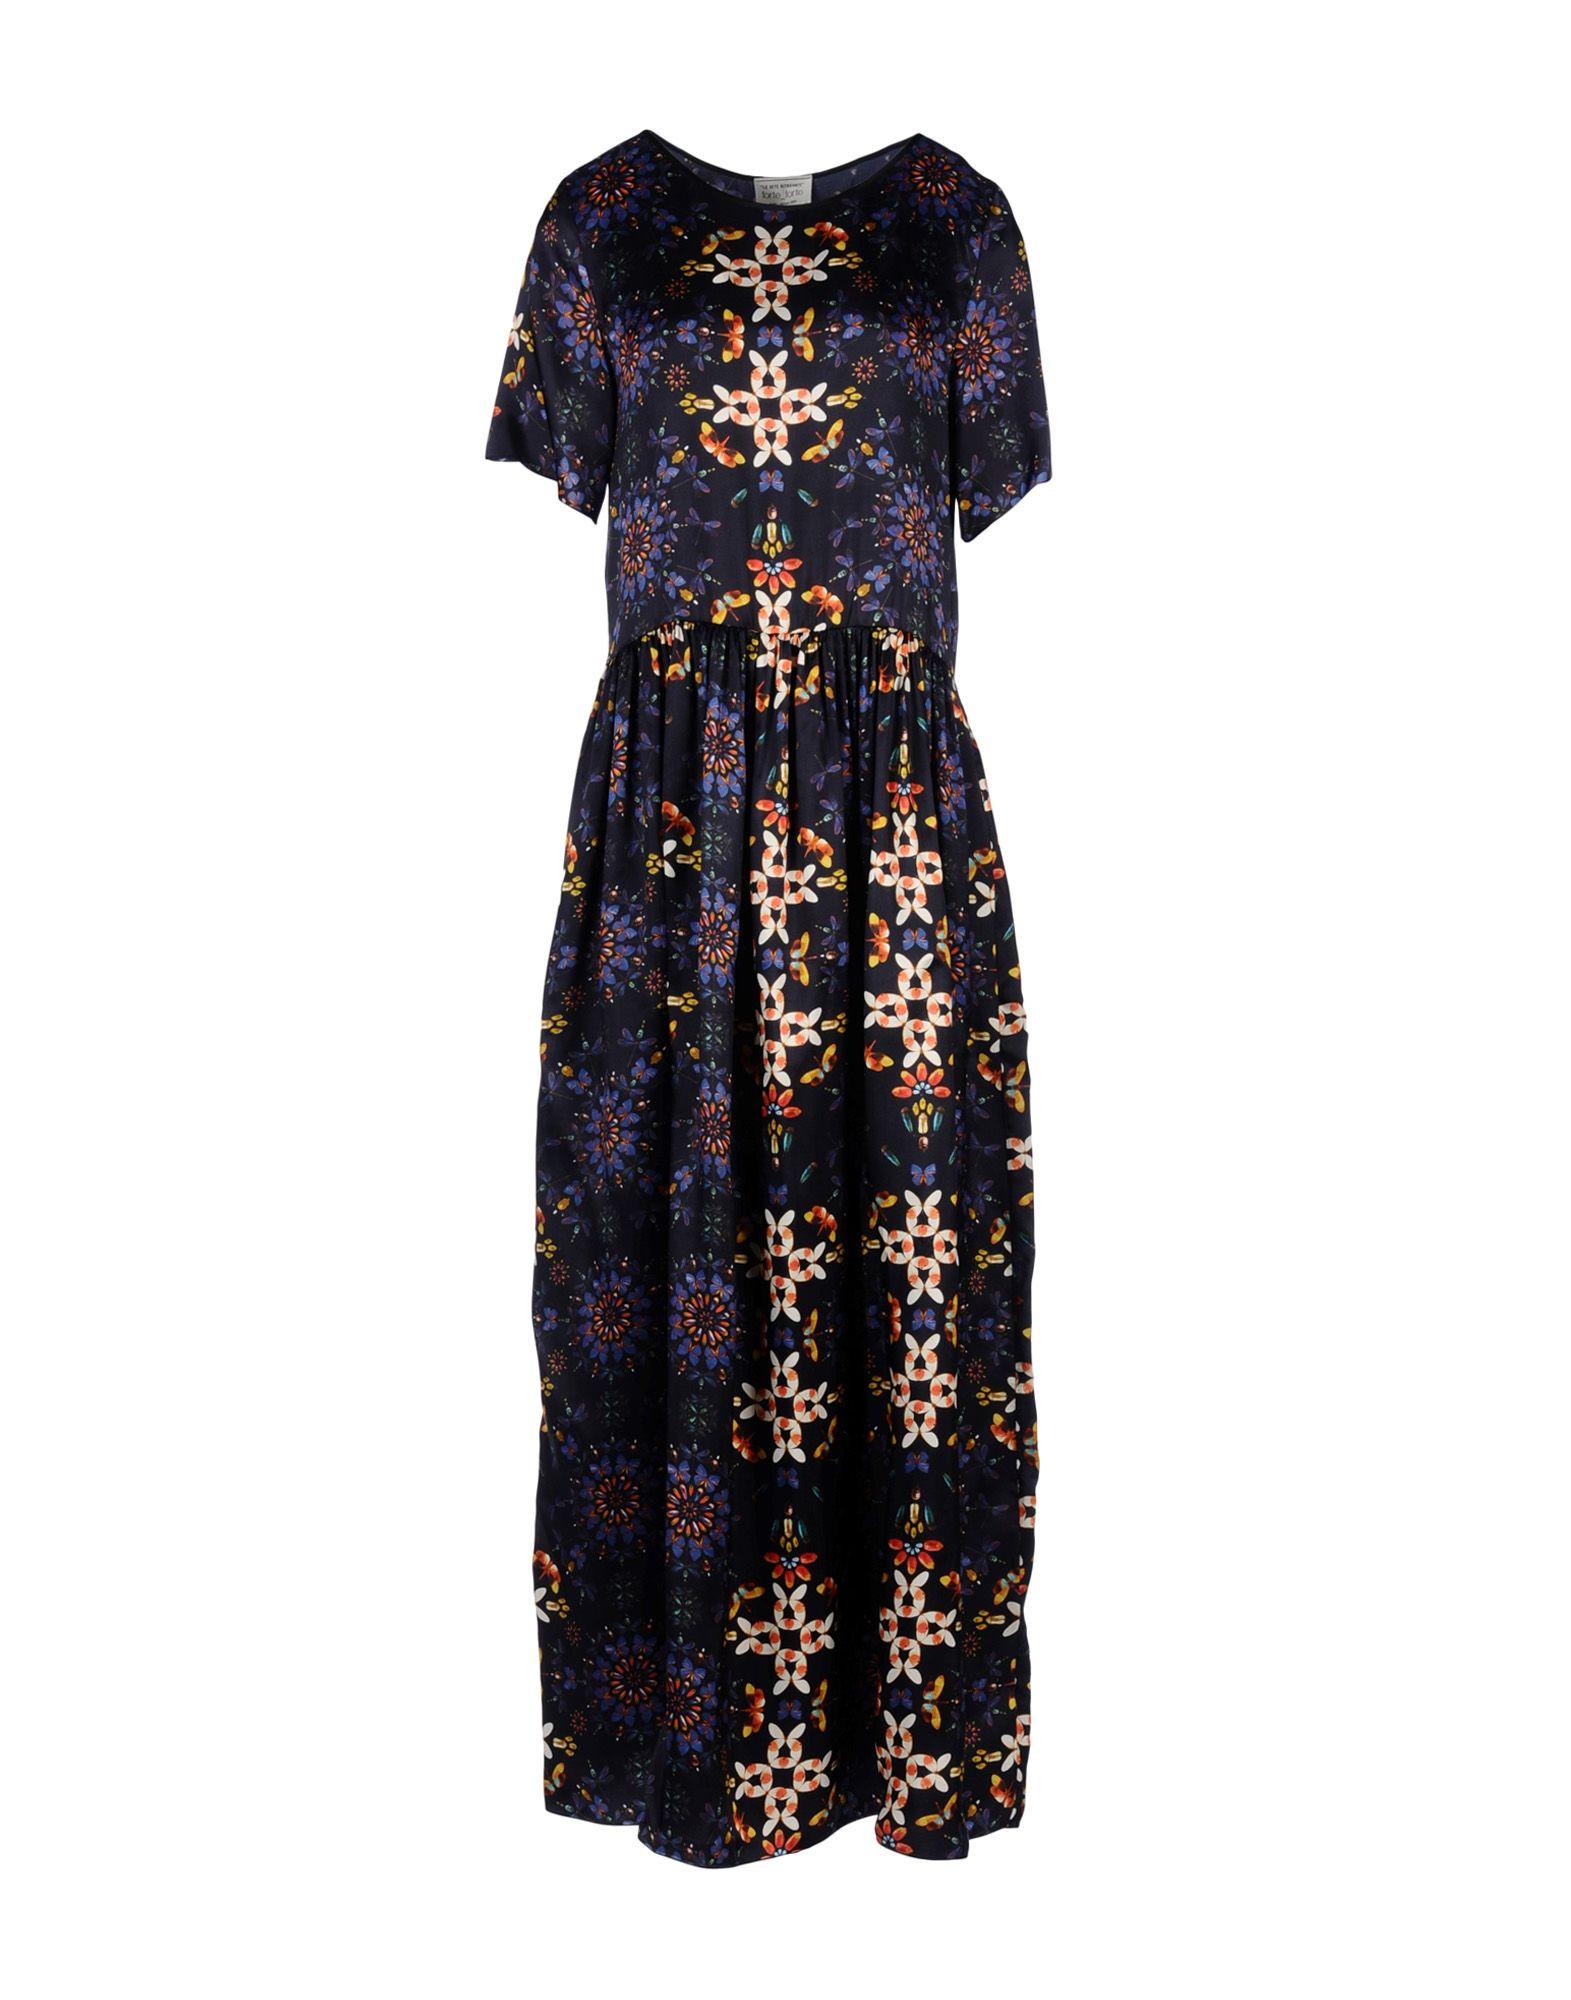 FORTE-FORTE Damen Langes Kleid Farbe Dunkelblau Größe 3 - broschei